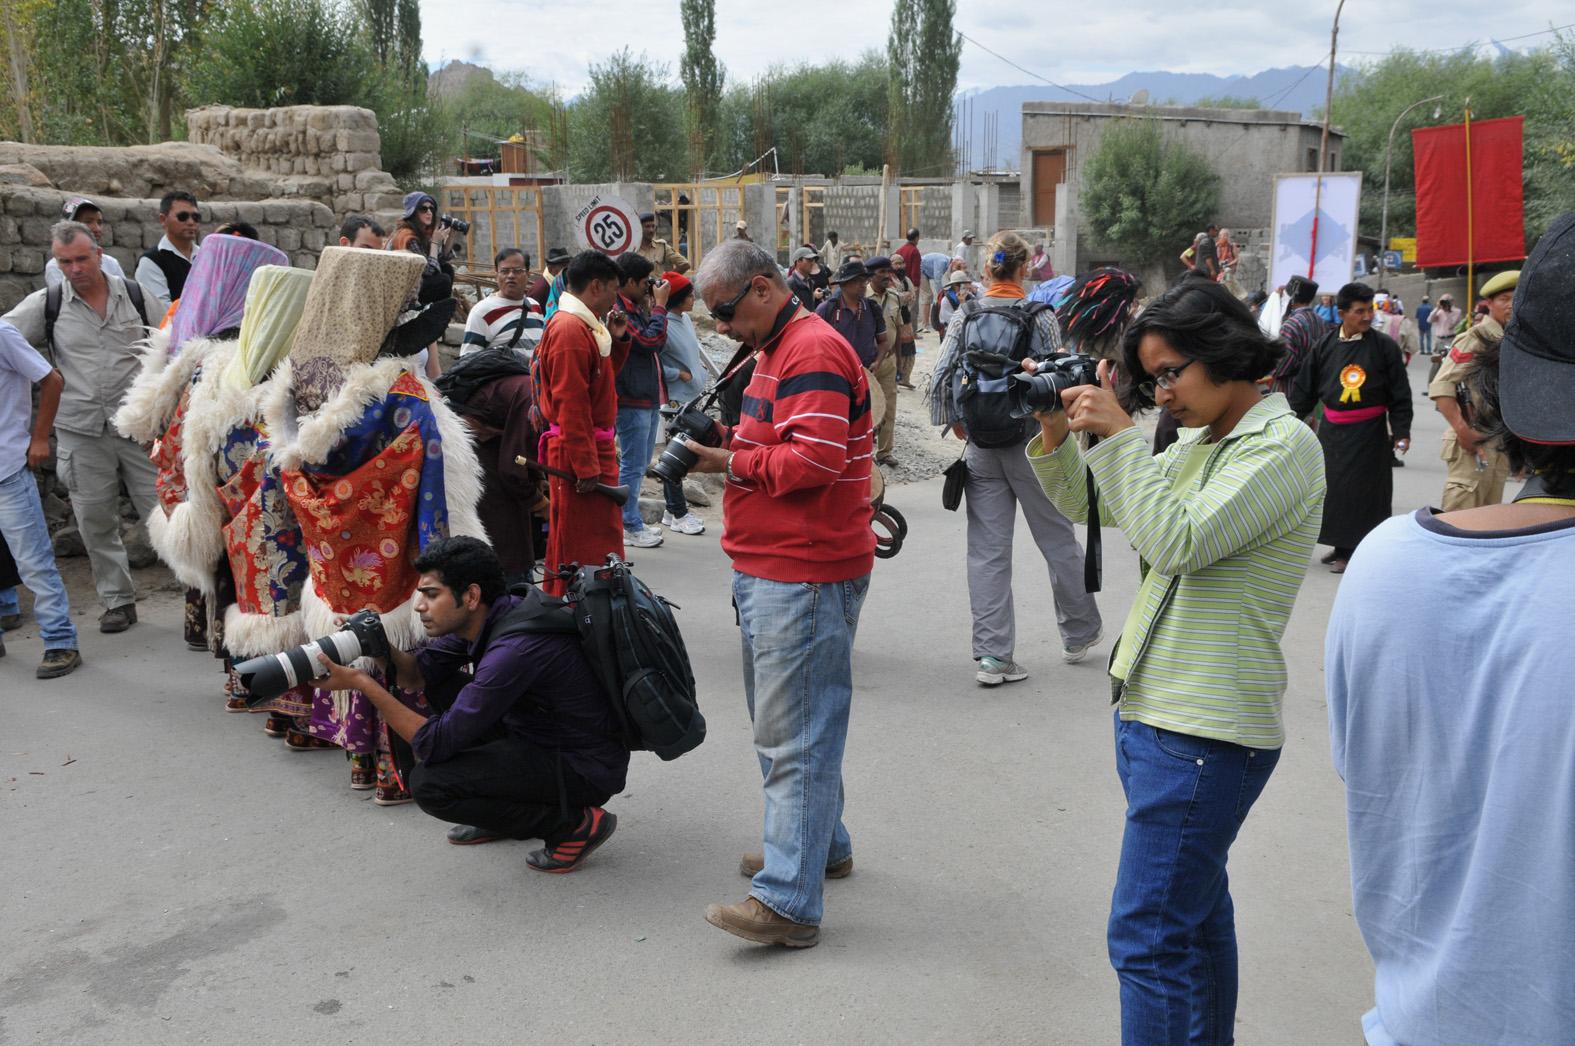 foto van fotografen aan het werk tijdens het festival van Leh